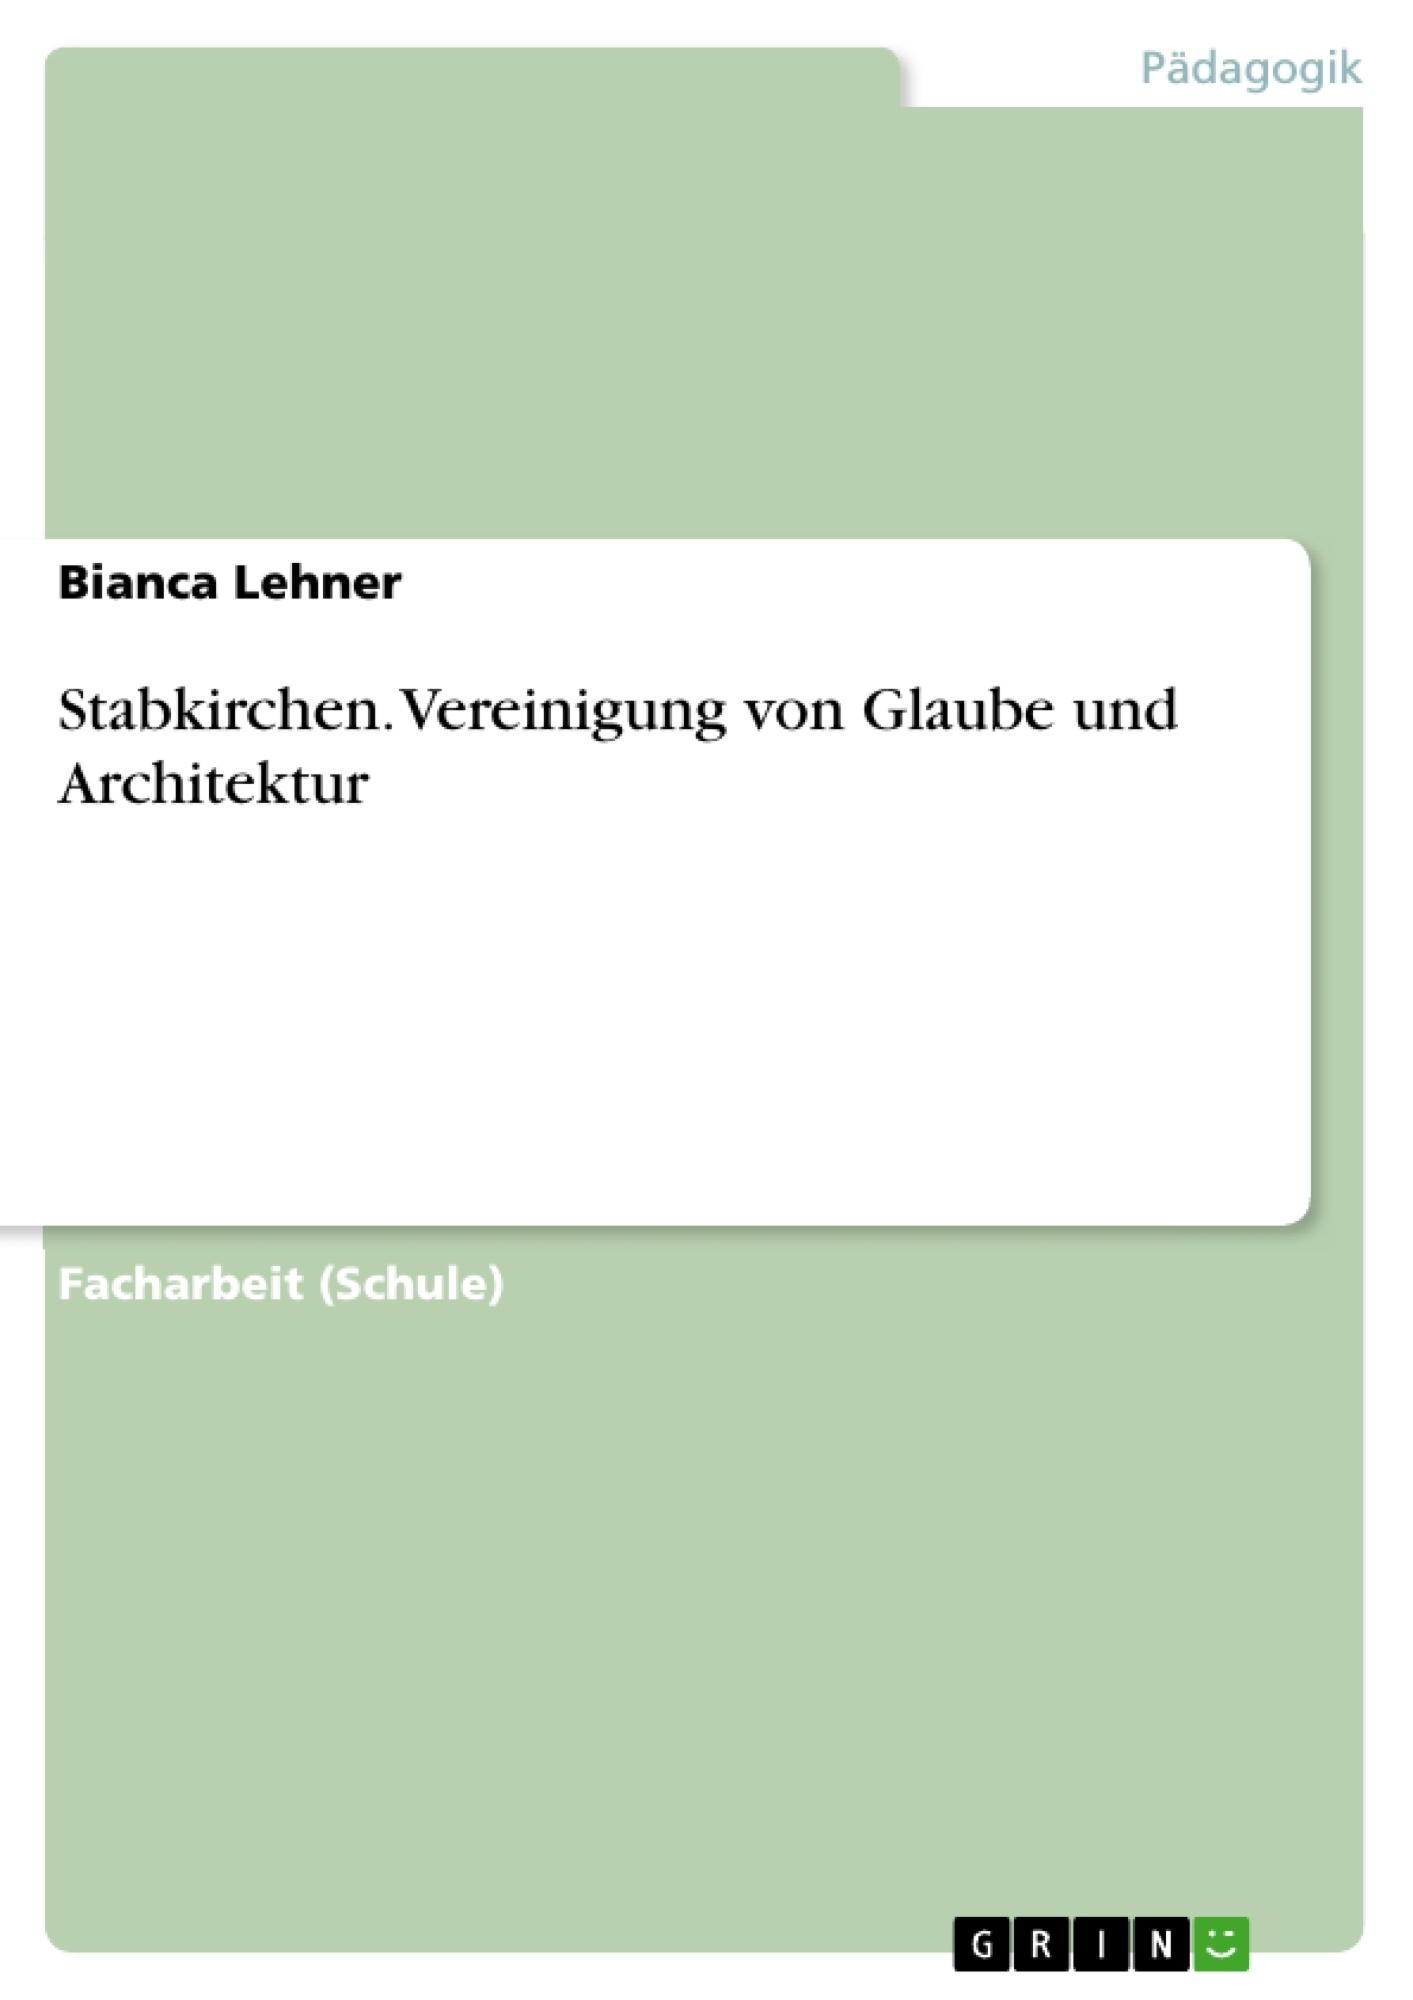 Titel: Stabkirchen. Vereinigung von Glaube und Architektur